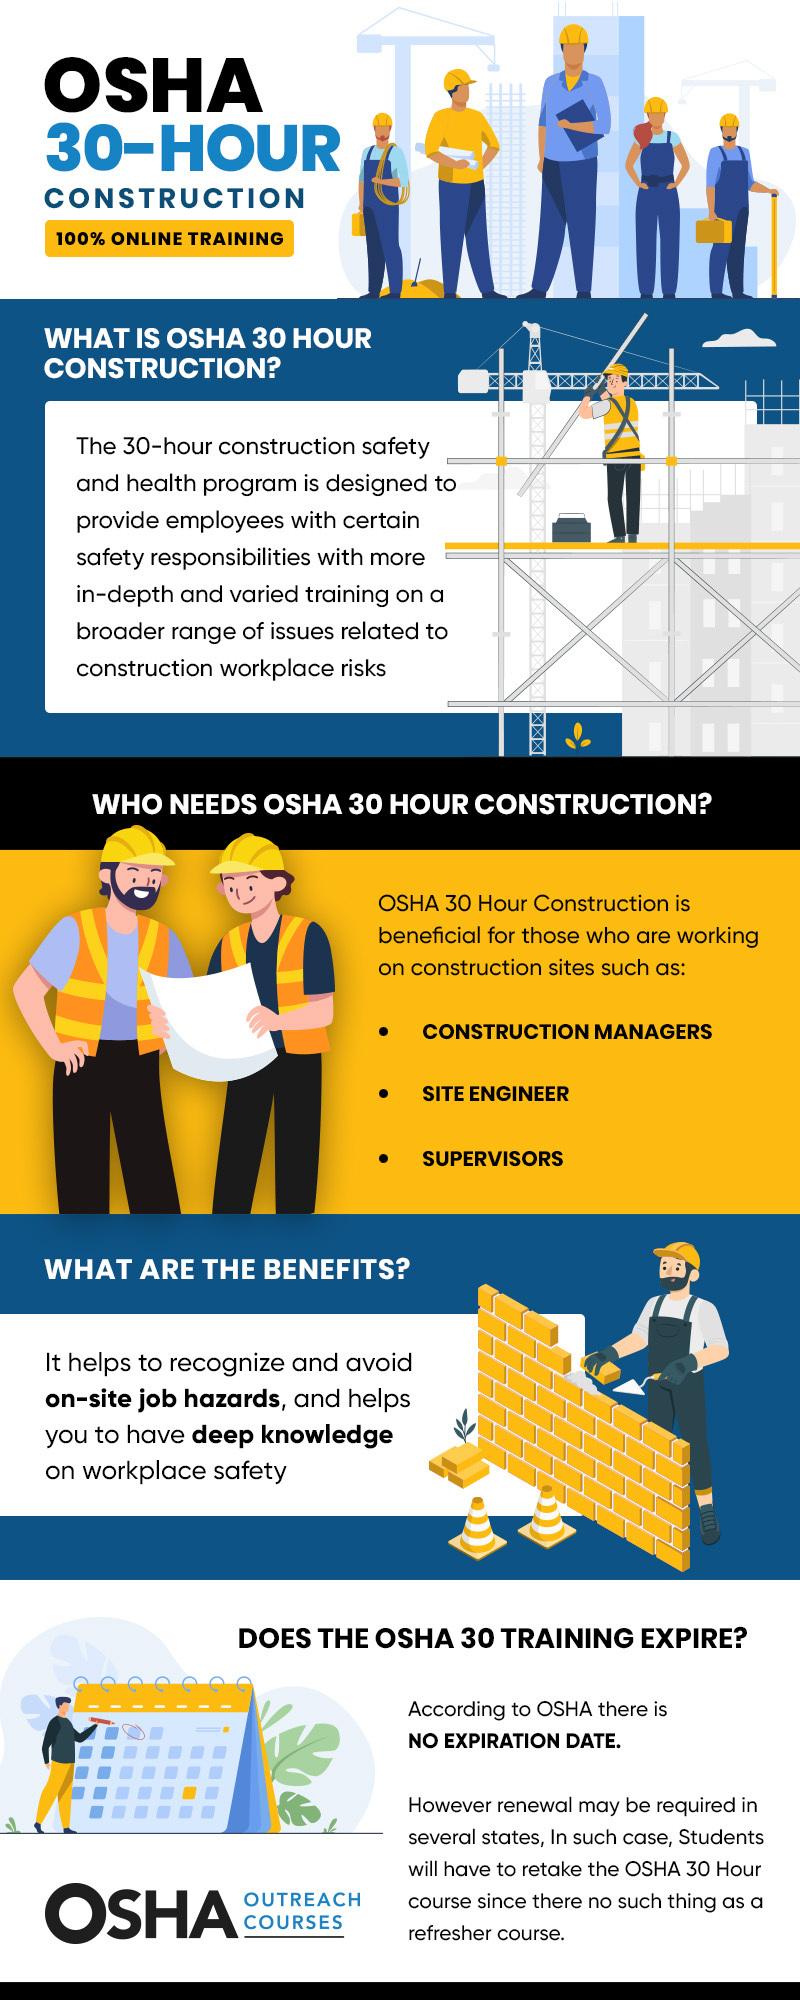 OSHA 30 Construction